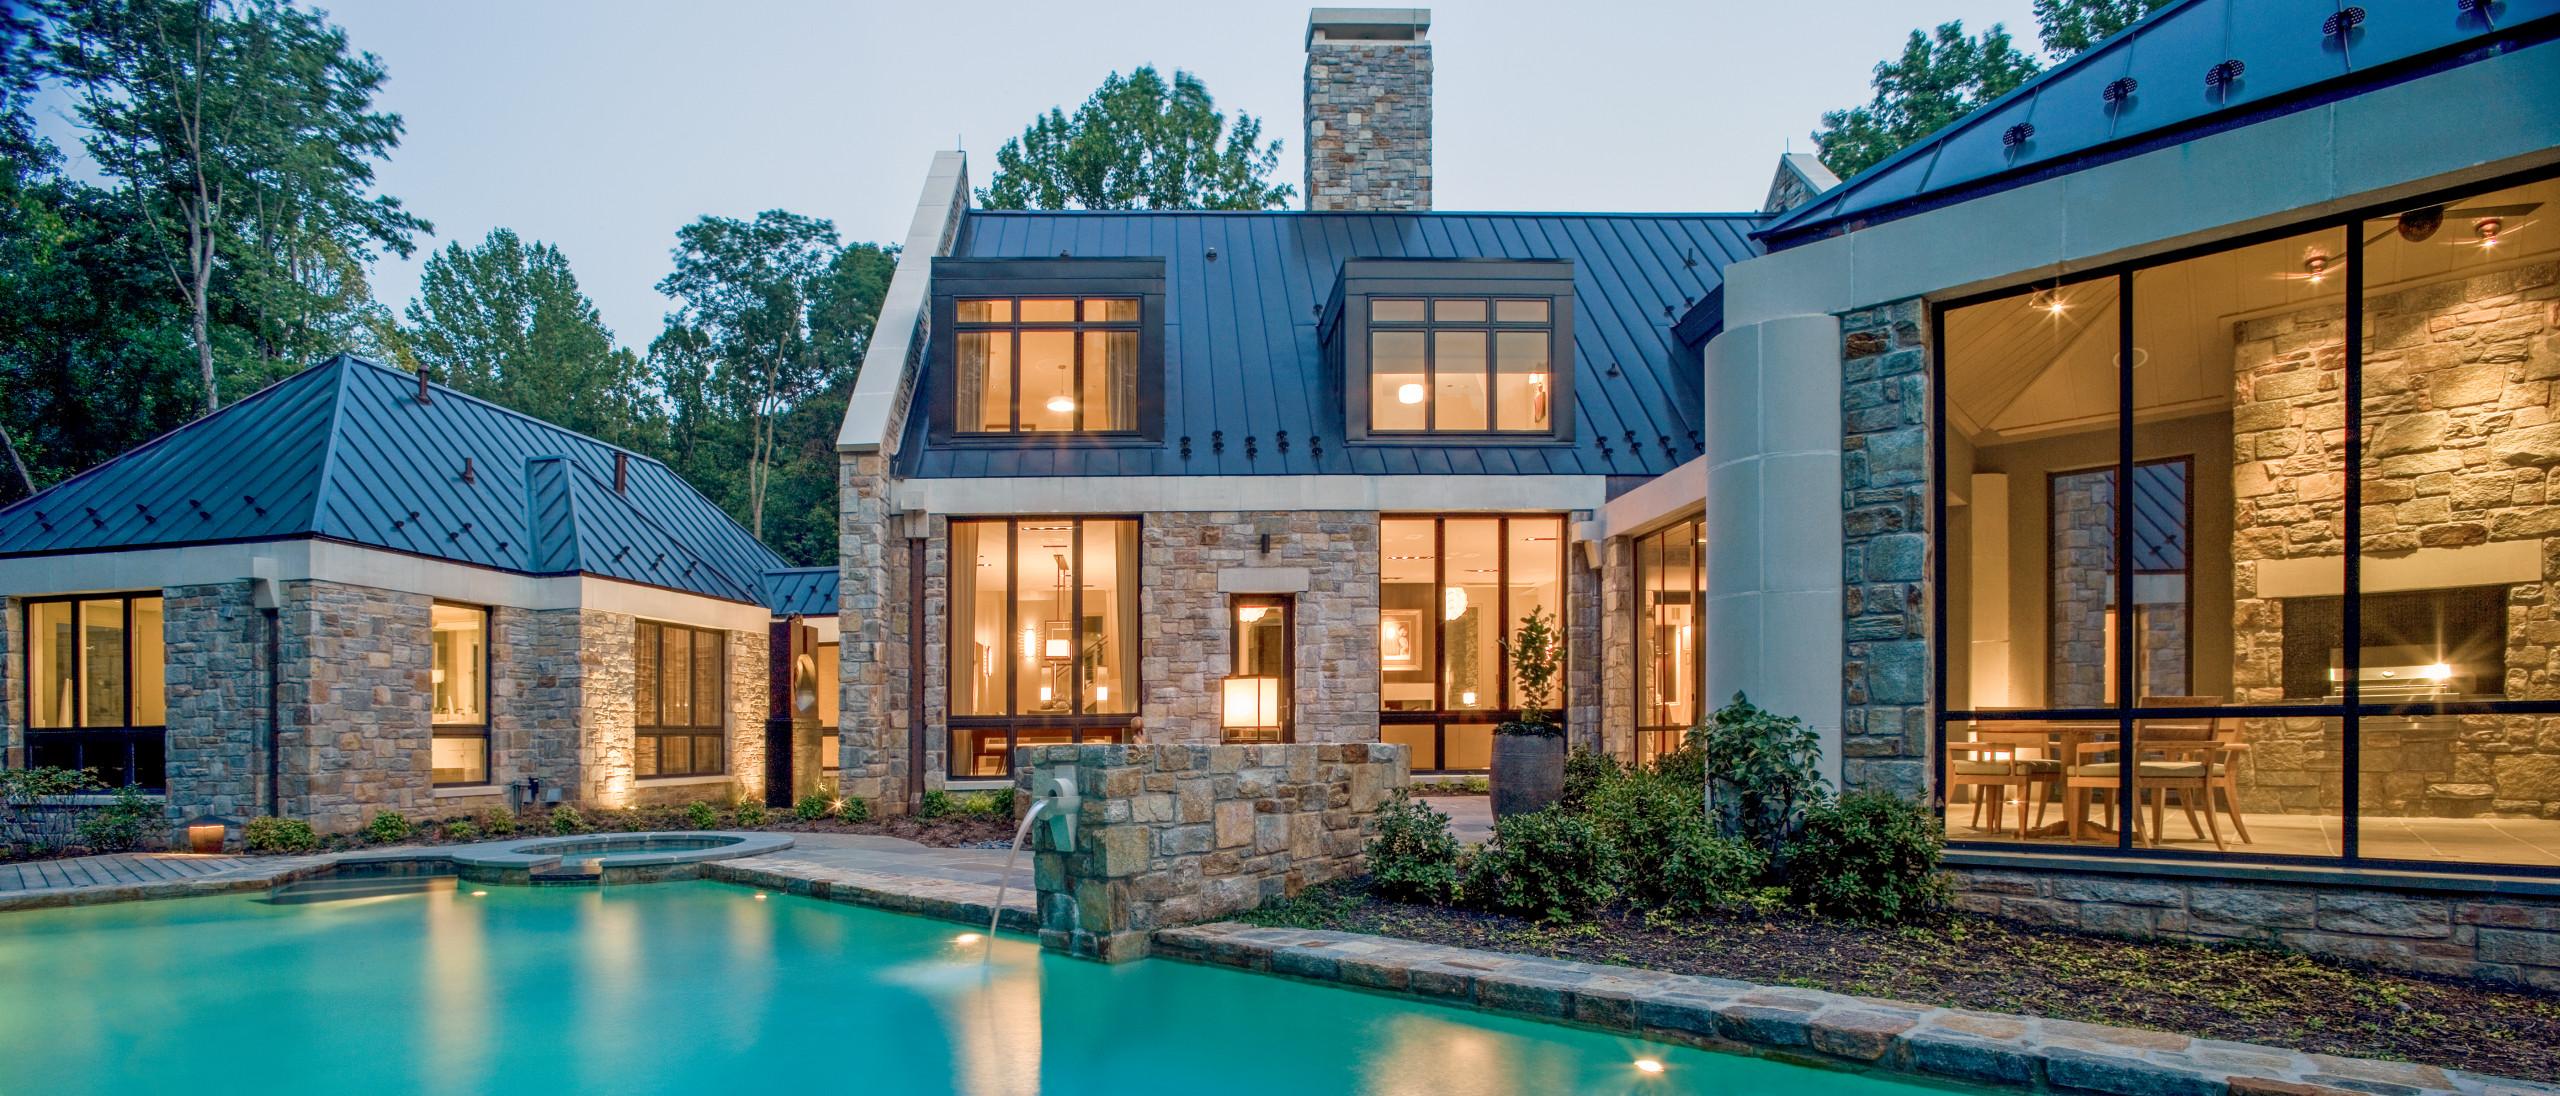 Certified Luxury Builders - J Paul Builders - Baltimore, MD - Custom Home A